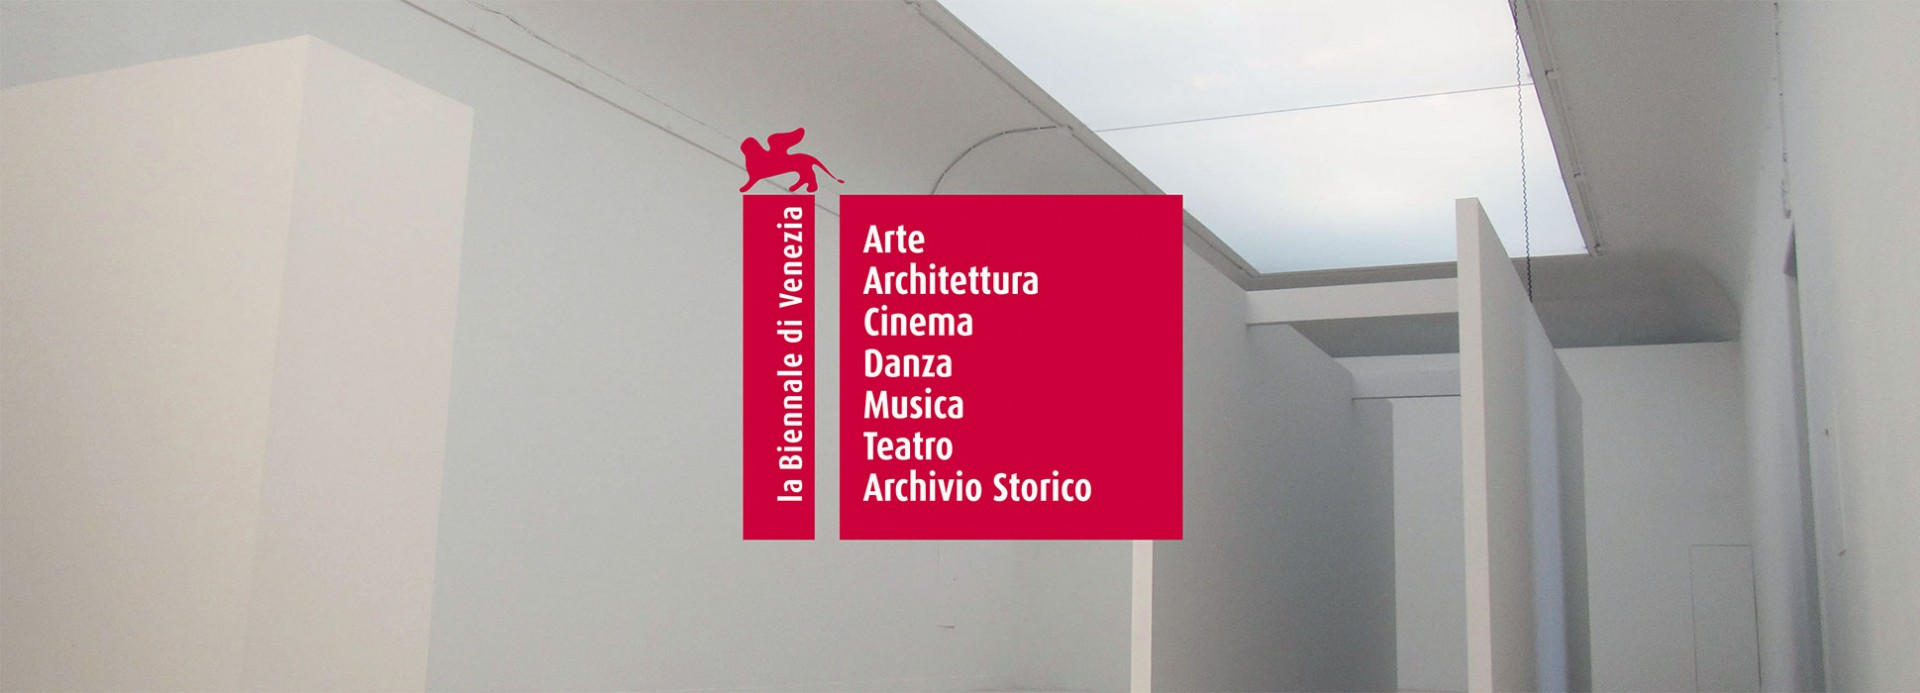 Конкурс: пројекат представљања Републике Србије на Венецијанском бијеналу архитектуре 2018. године